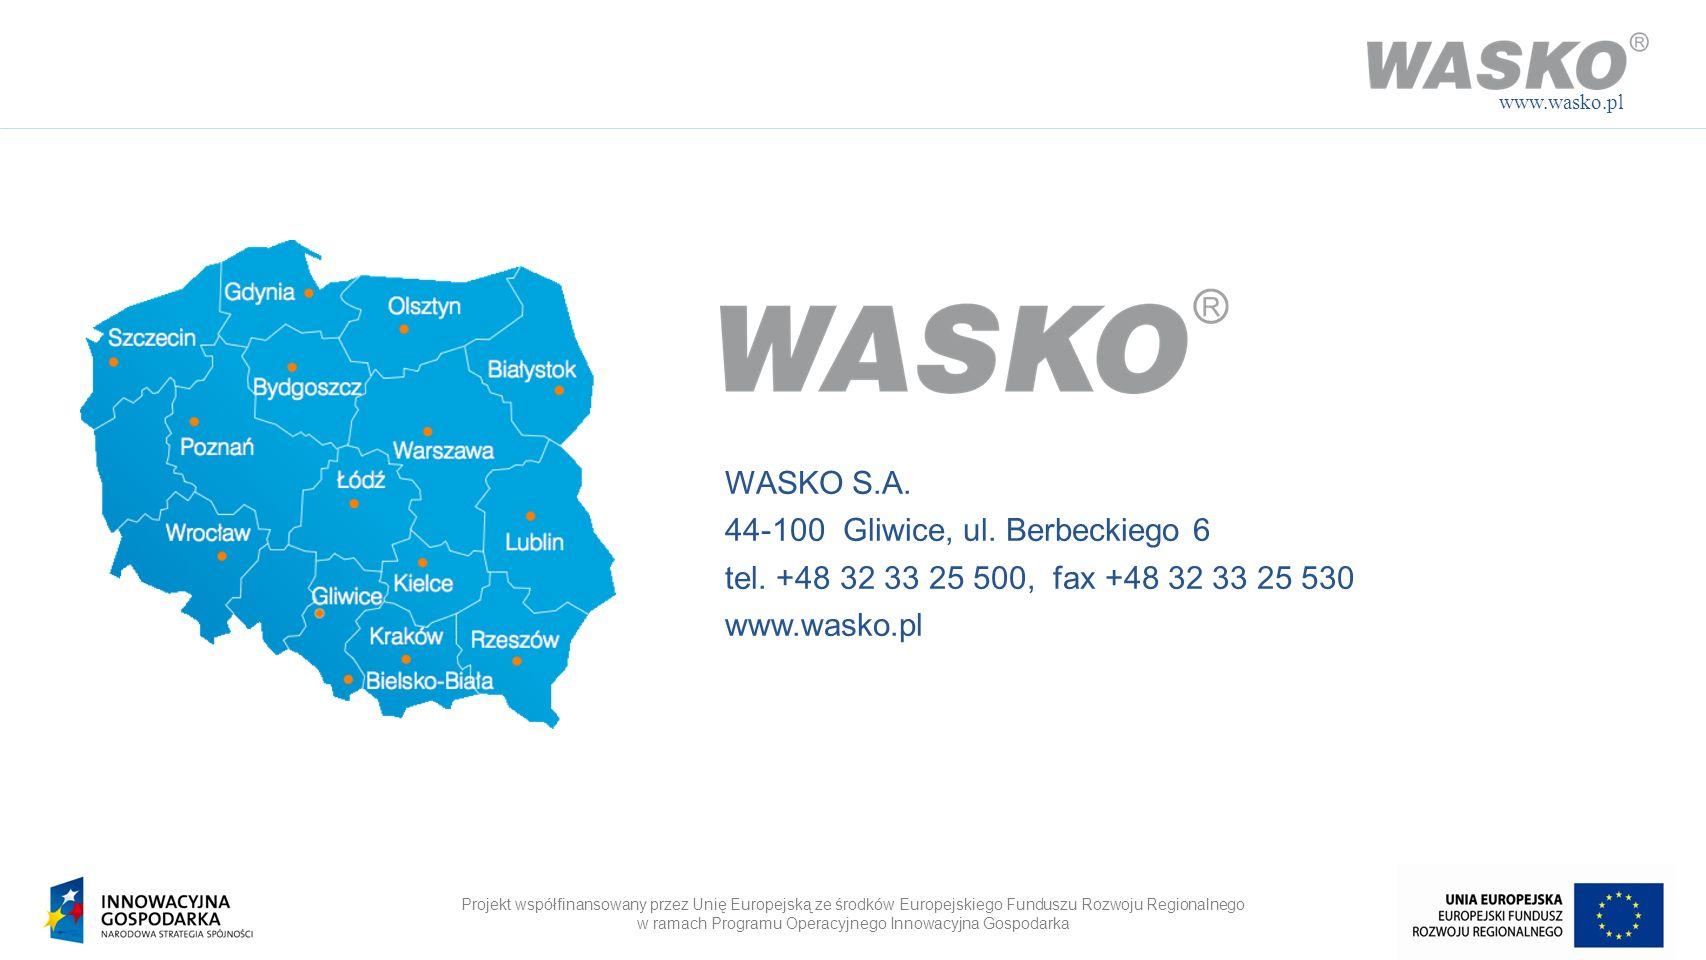 Projekt współfinansowany przez Unię Europejską ze środków Europejskiego Funduszu Rozwoju Regionalnego w ramach Programu Operacyjnego Innowacyjna Gospo